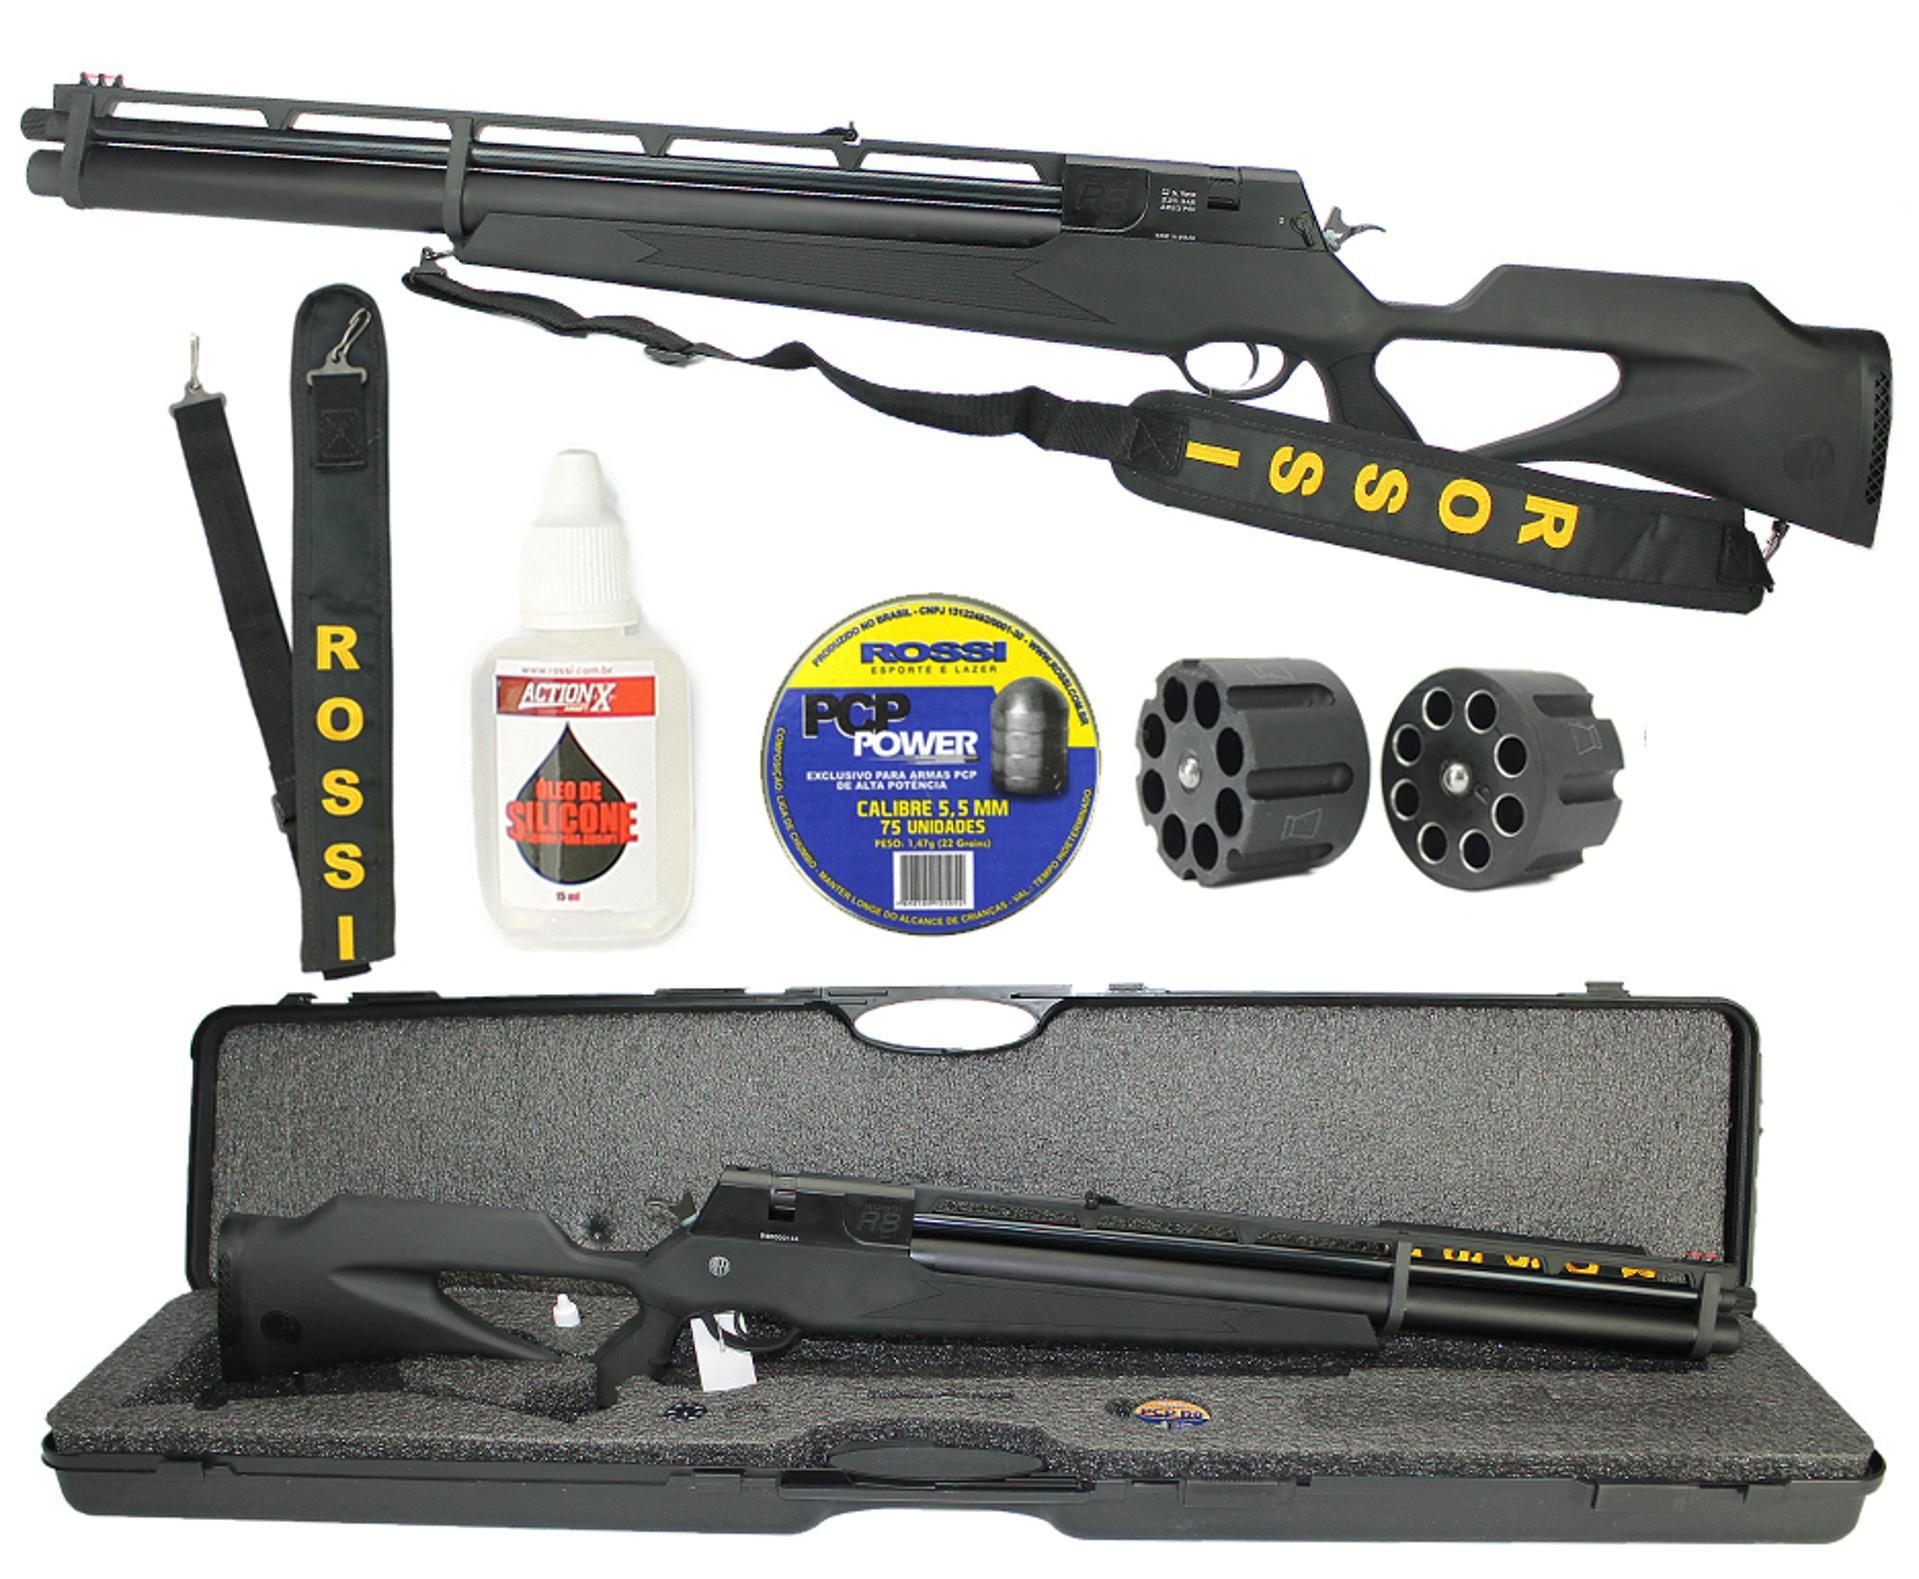 Carabina Pressão Pcp Rossi R8 Black 5,5mm Ação Dupla